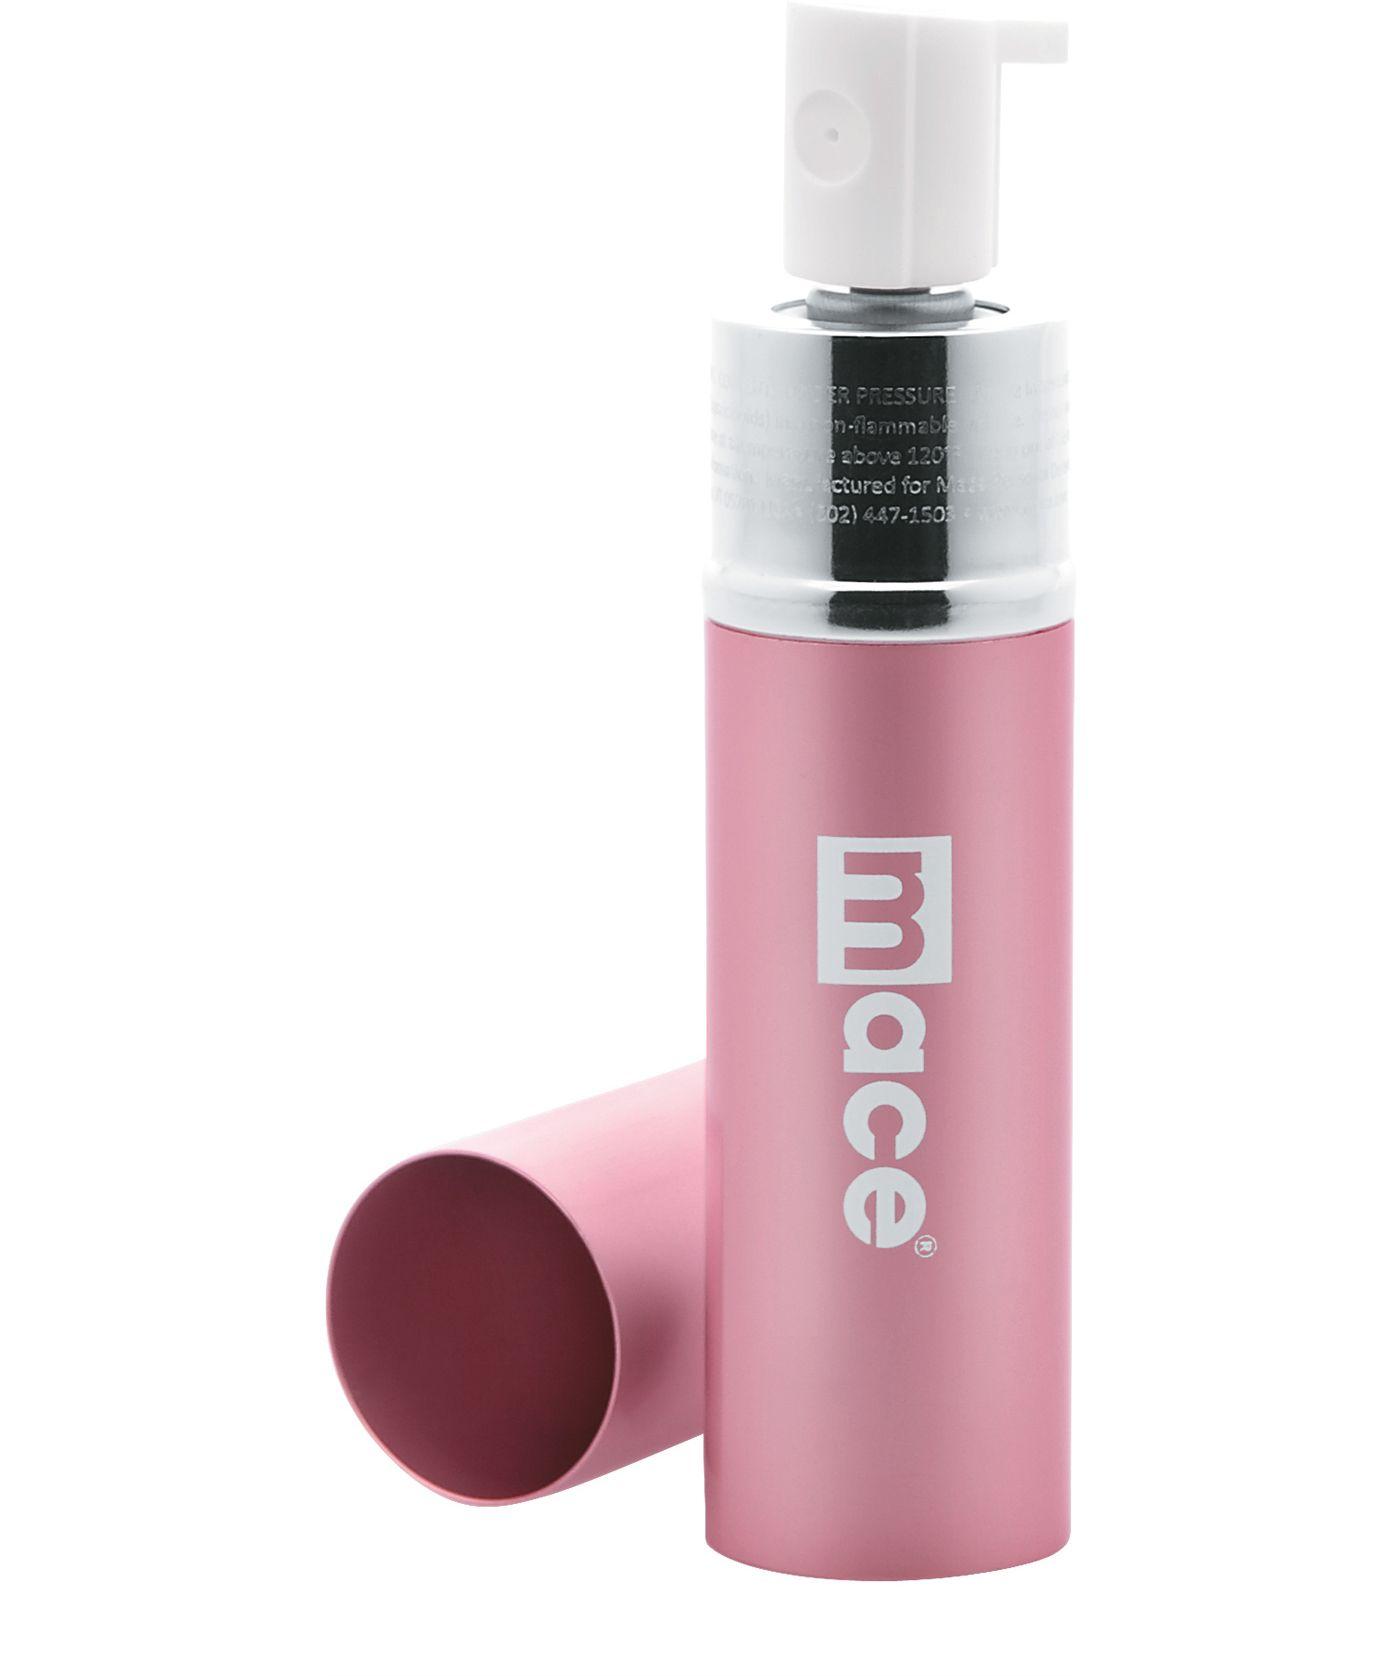 Mace Brand Hot Pink Purse Pepper Spray